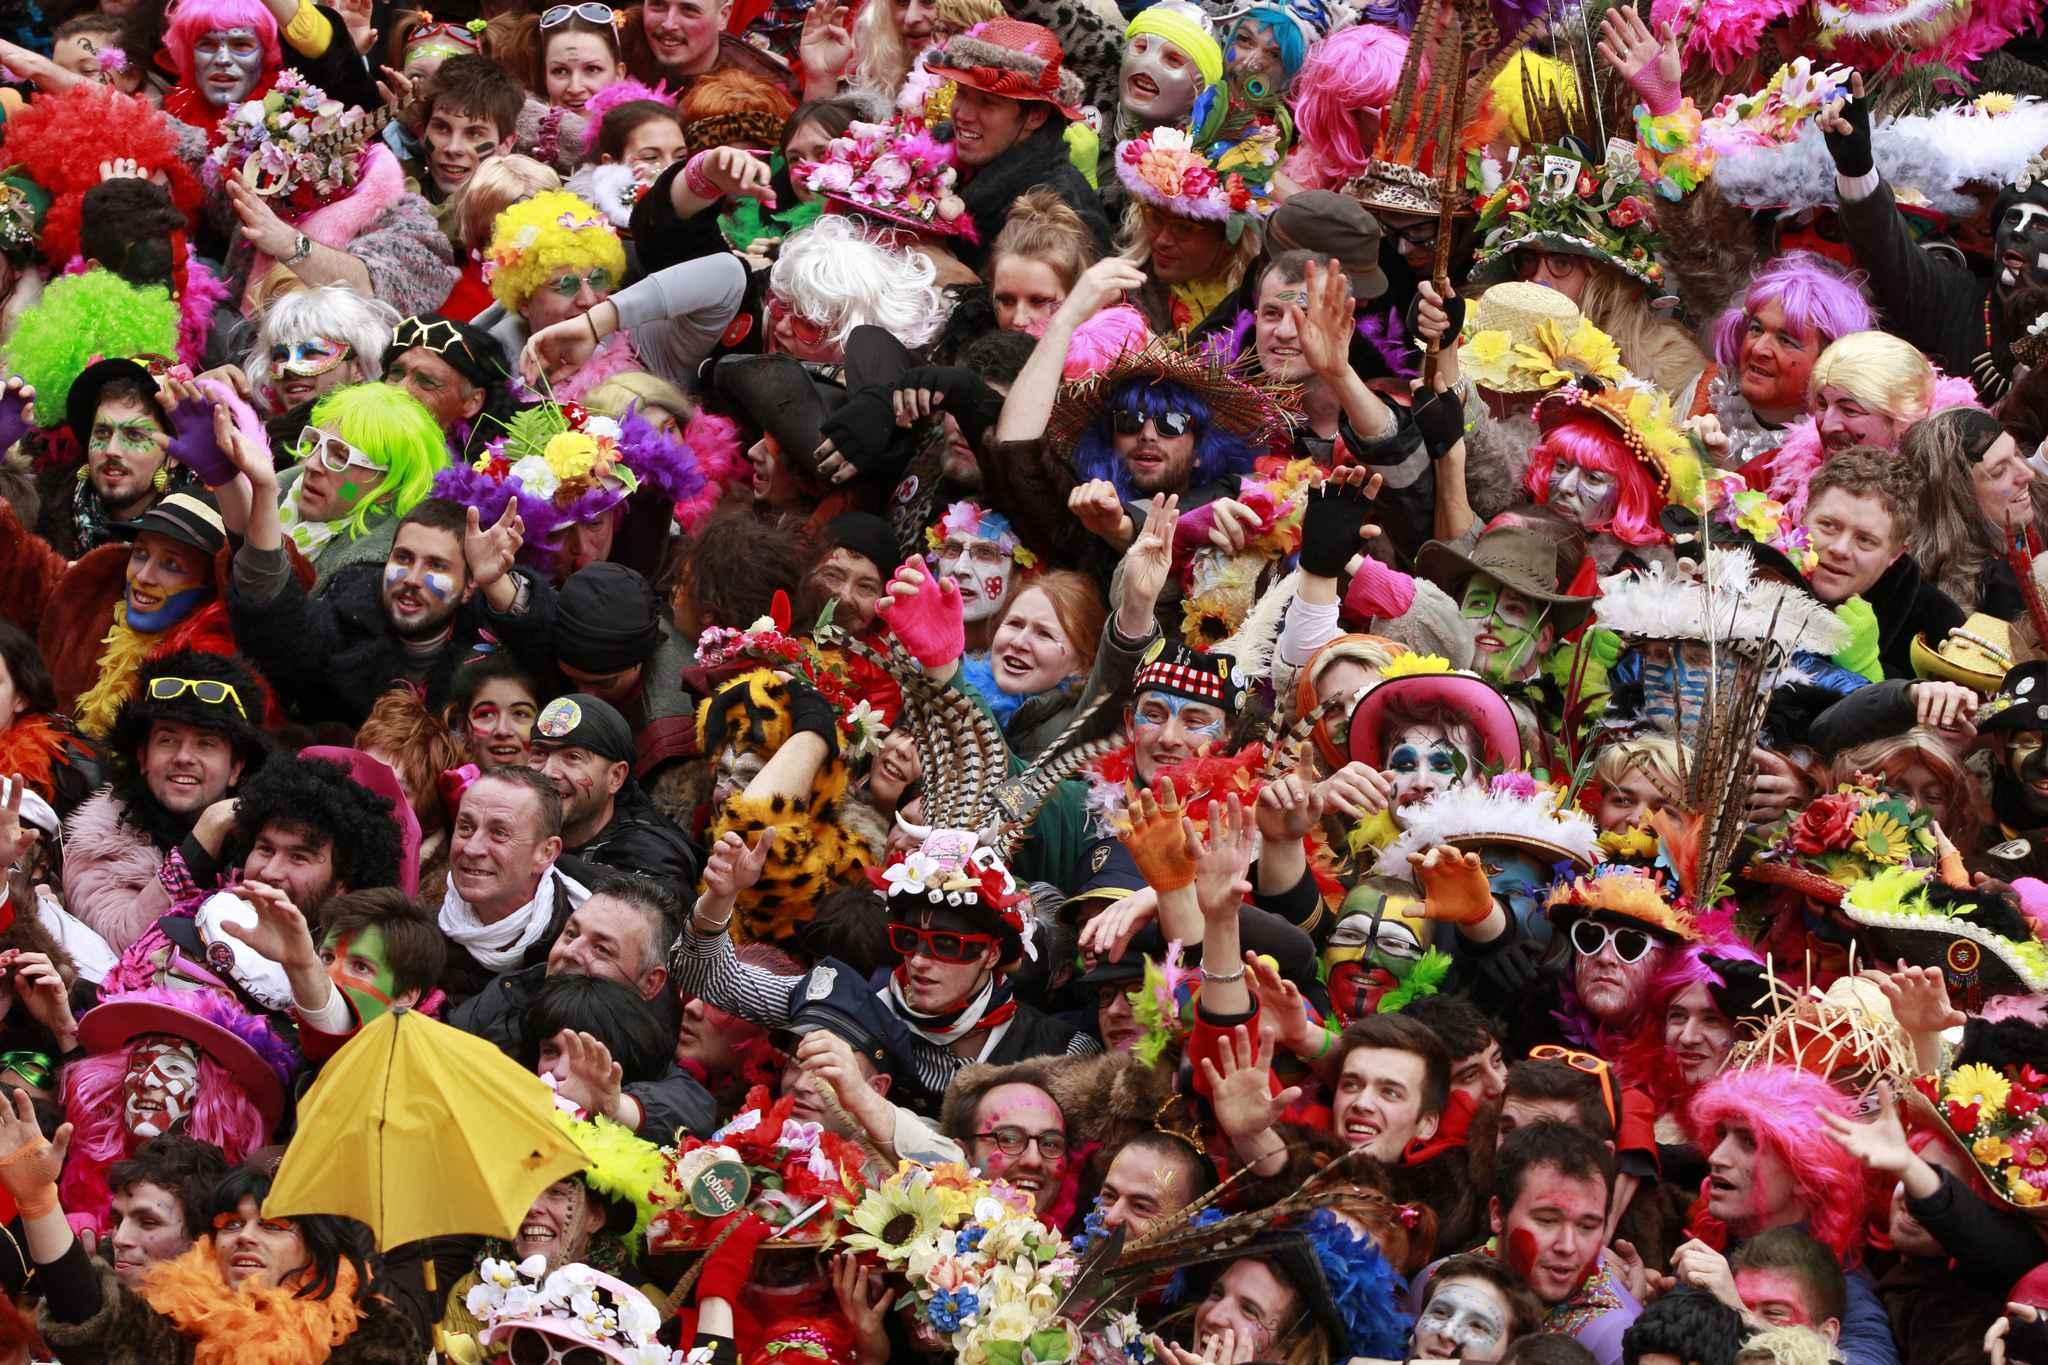 Carnaval de dunkerque fin de tol rance pour les d guisements militaires et religieux - Office du tourisme de dunkerque ...